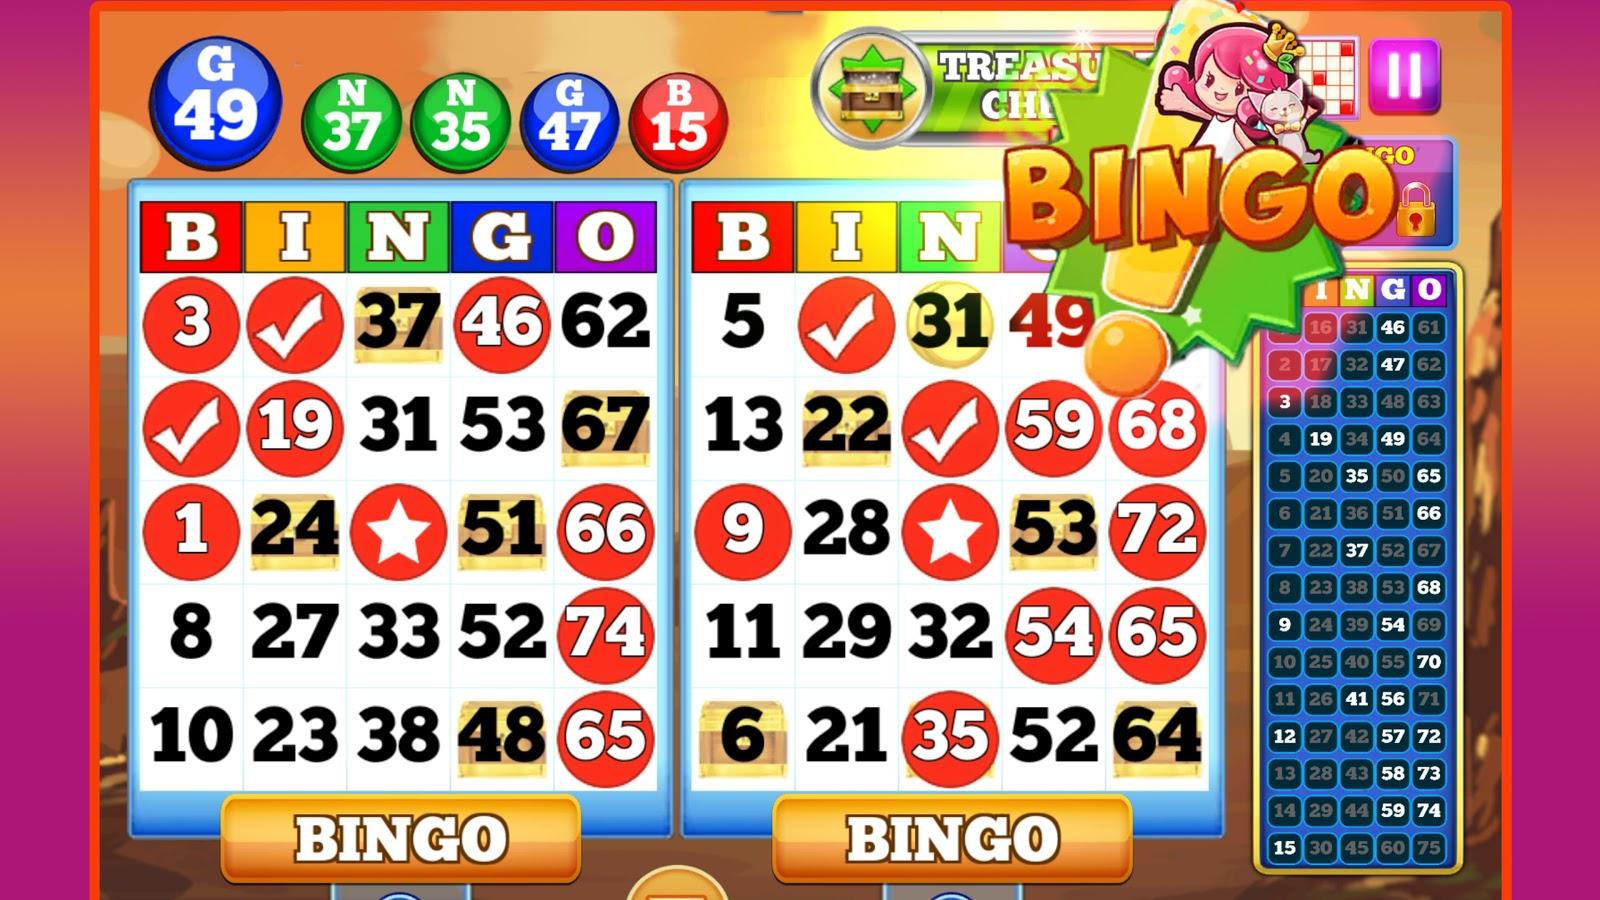 Juegos WildJackpots com jugar loteria en linea 471659